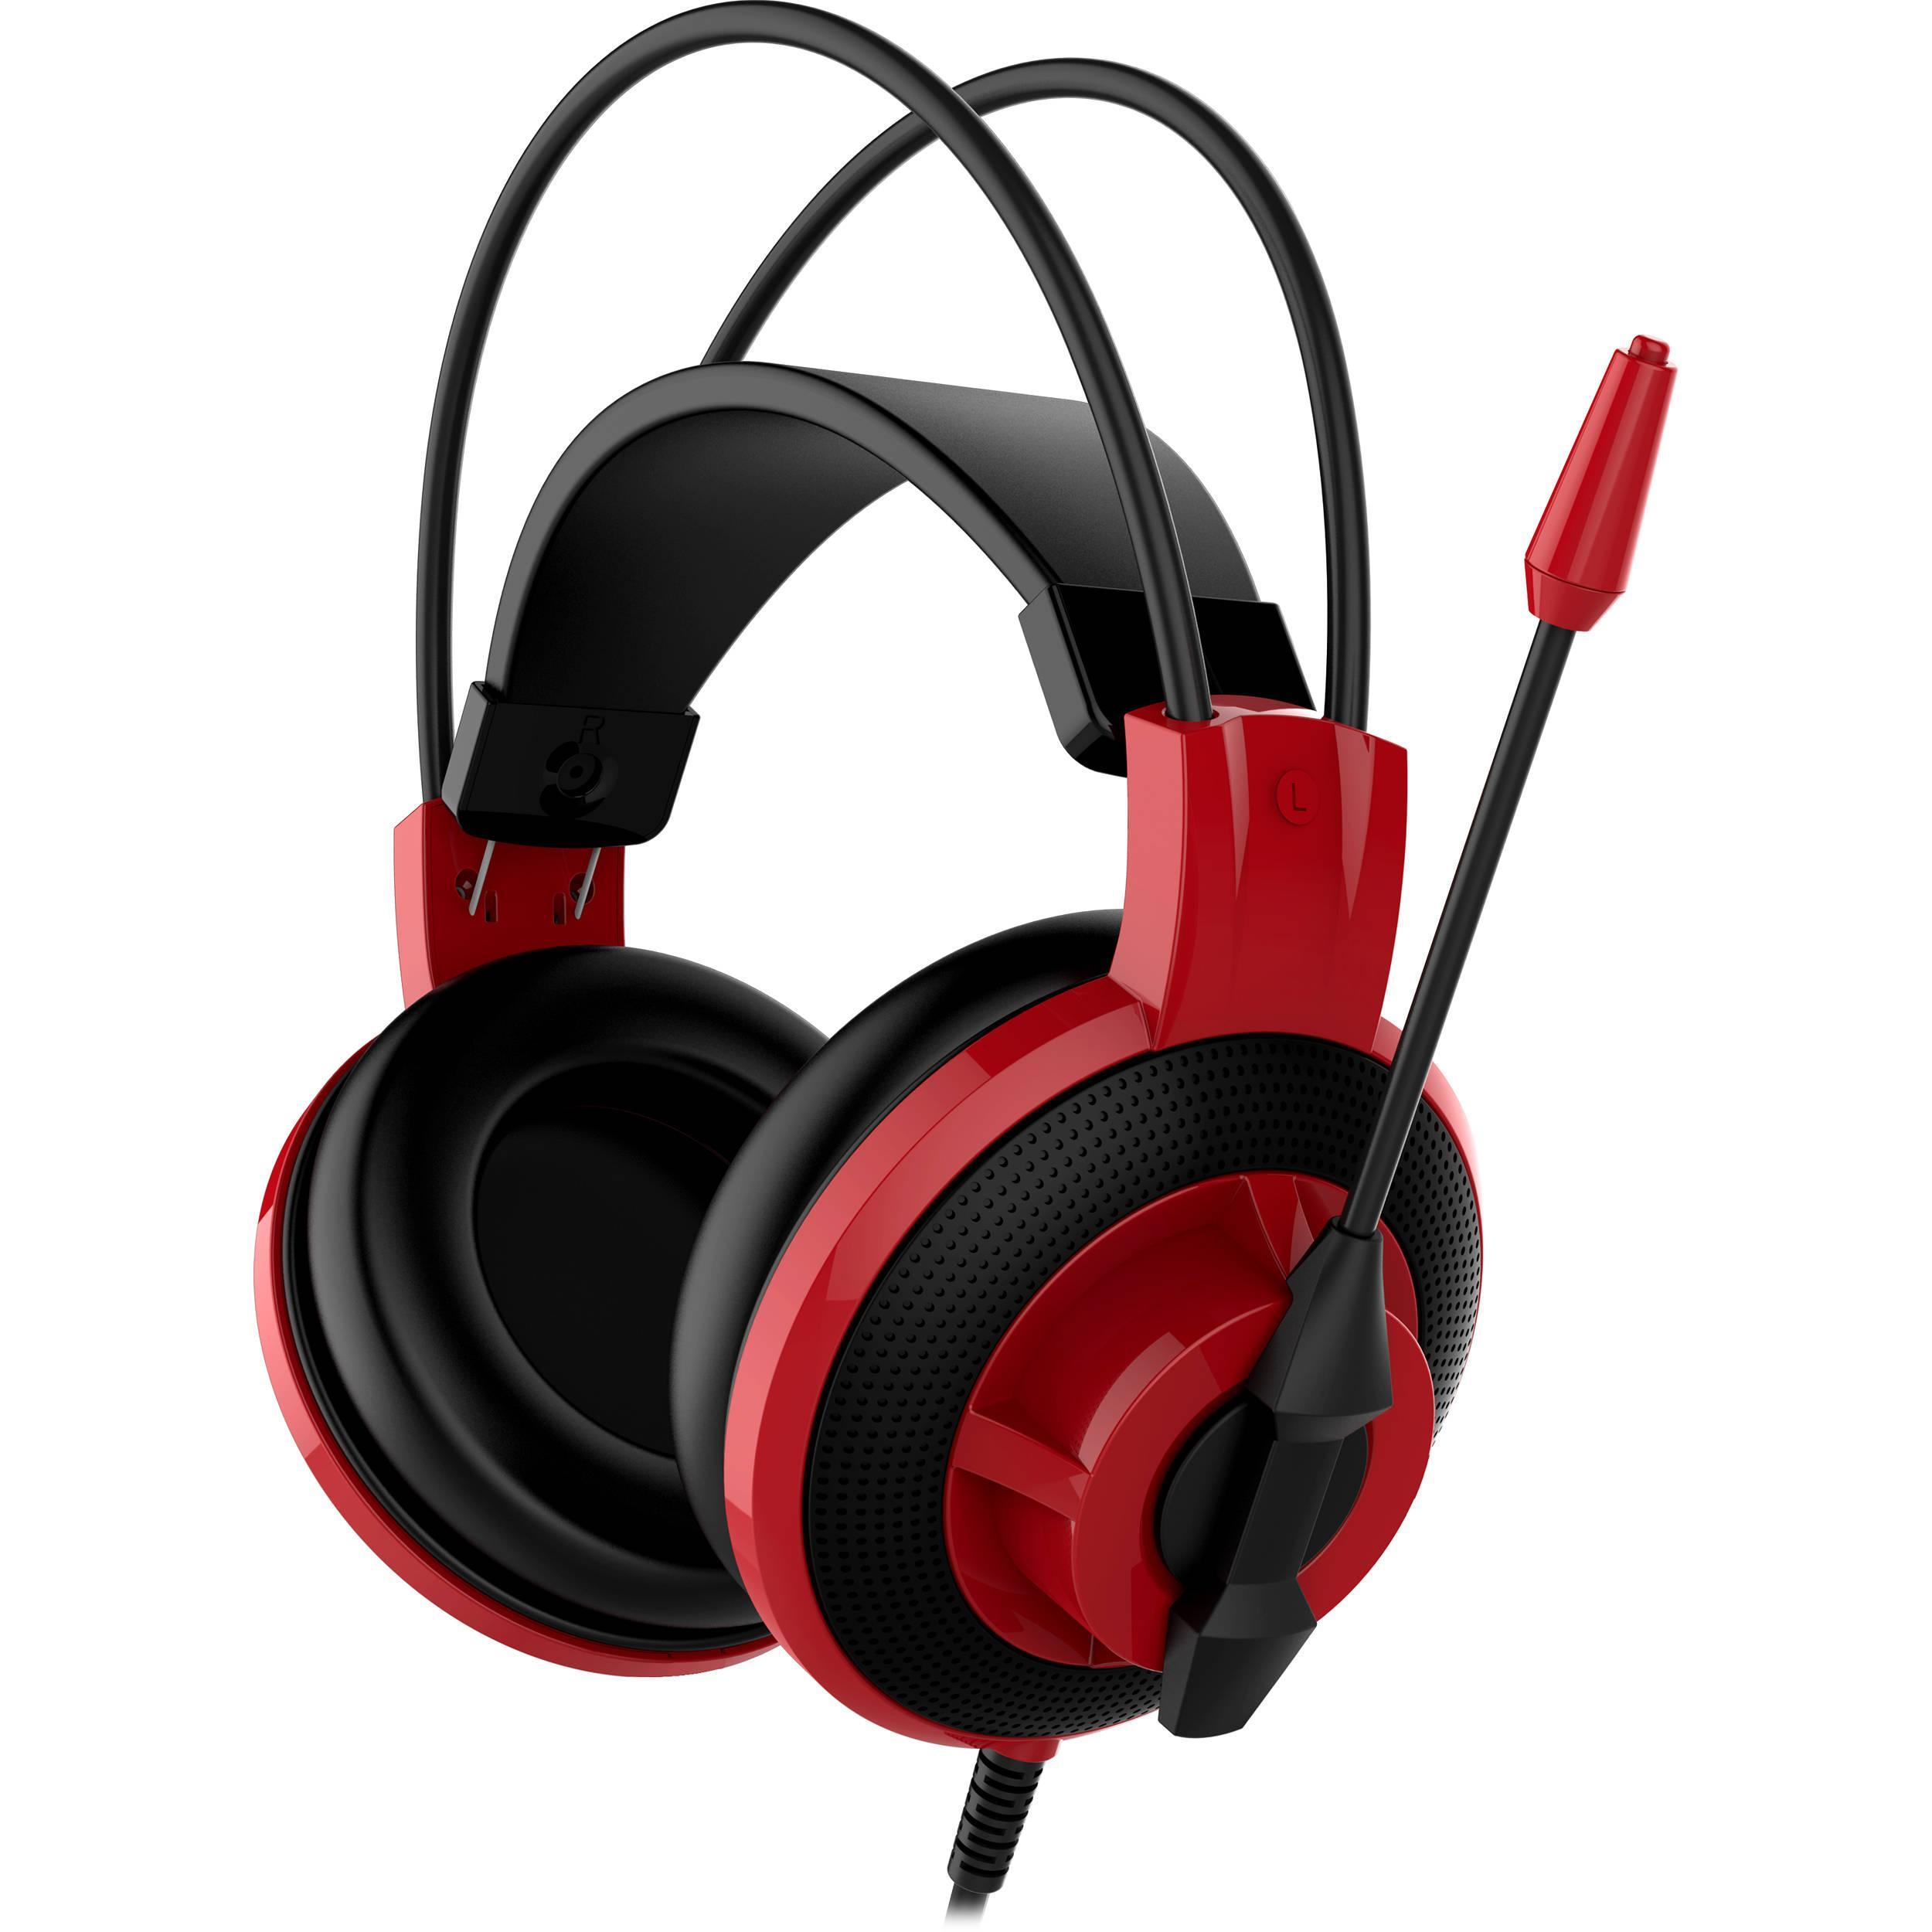 Casque audio MSI DS501 - rouge